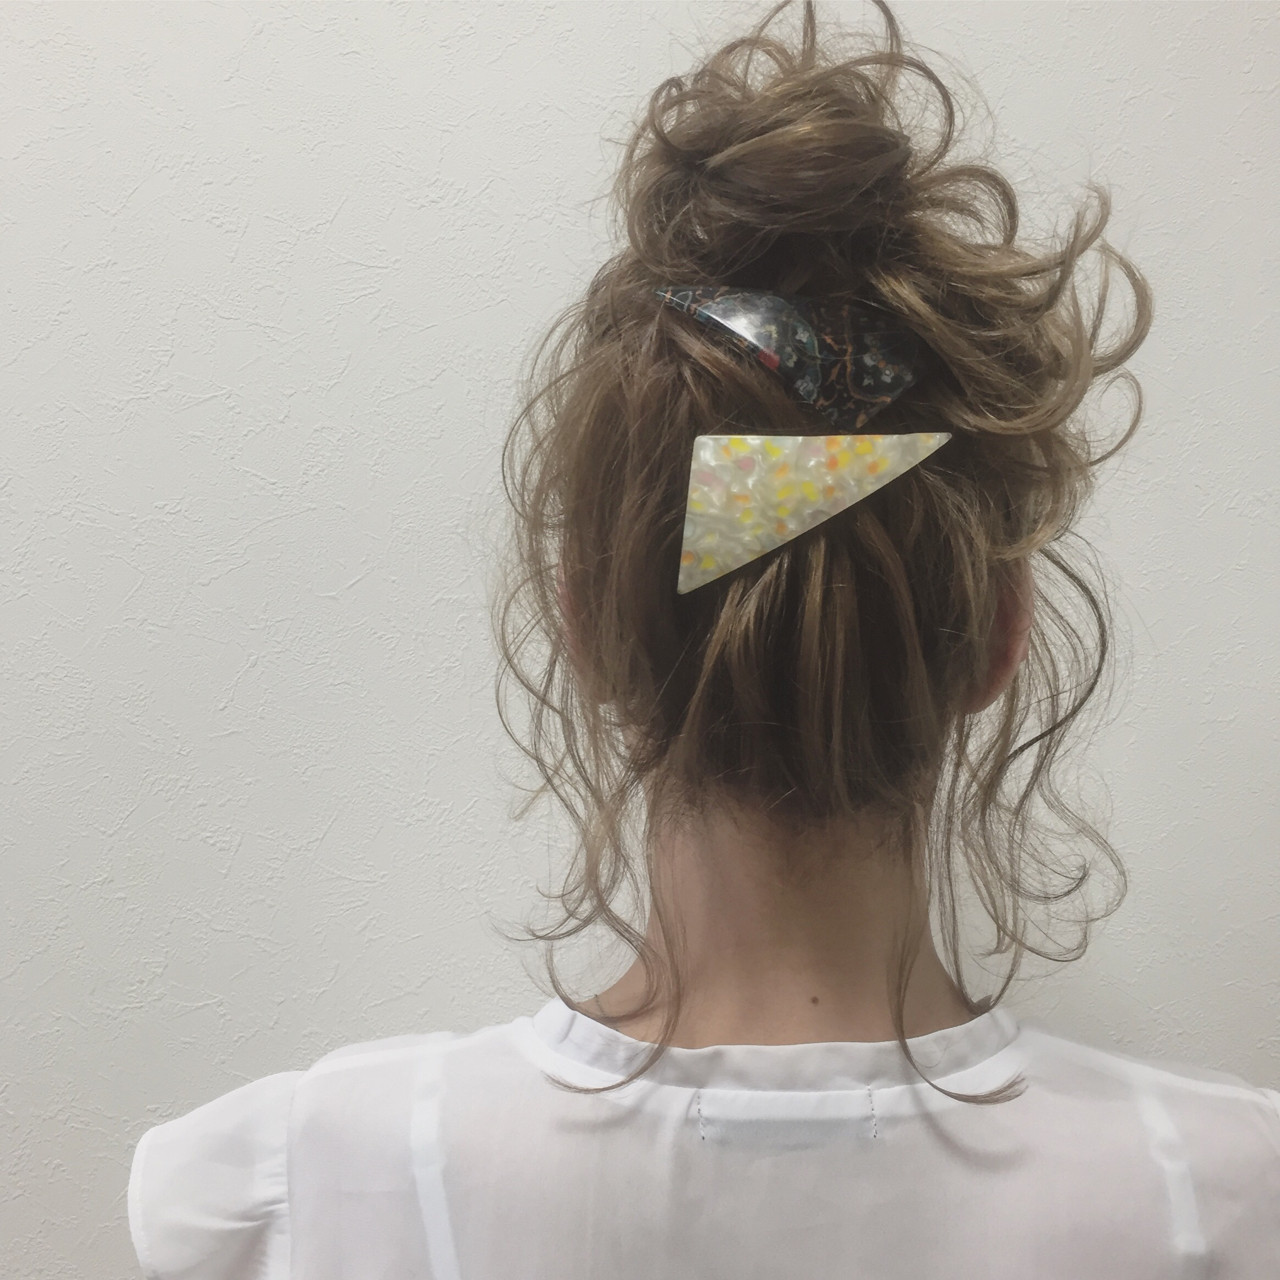 まとめ髪にバレッタ!基本のアップヘア 宮田 恵里香